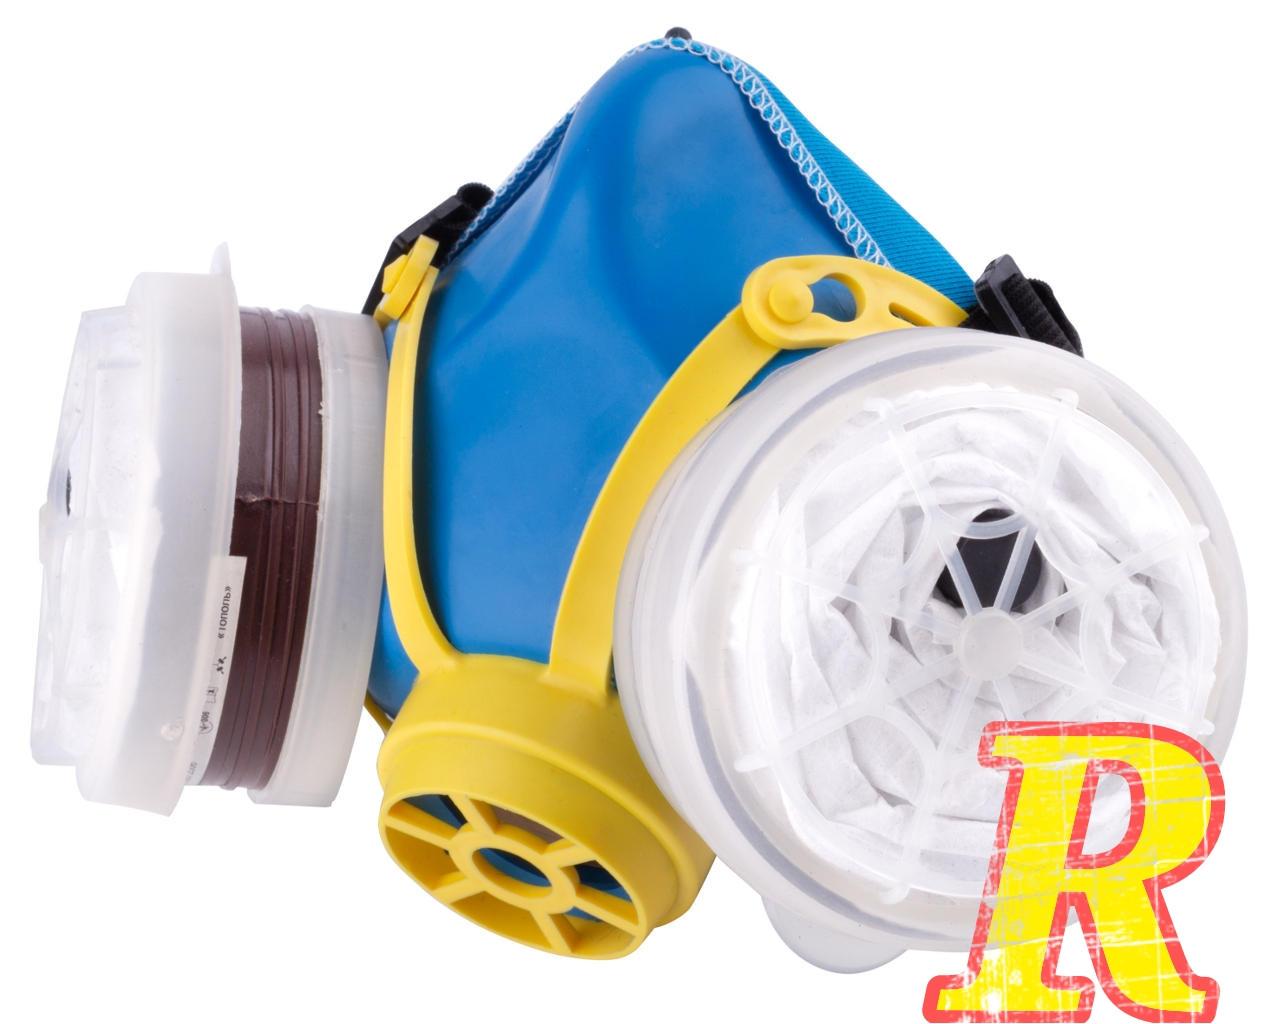 Респиратор Тополь марка А1Р1 комплект с угольными фильтрами